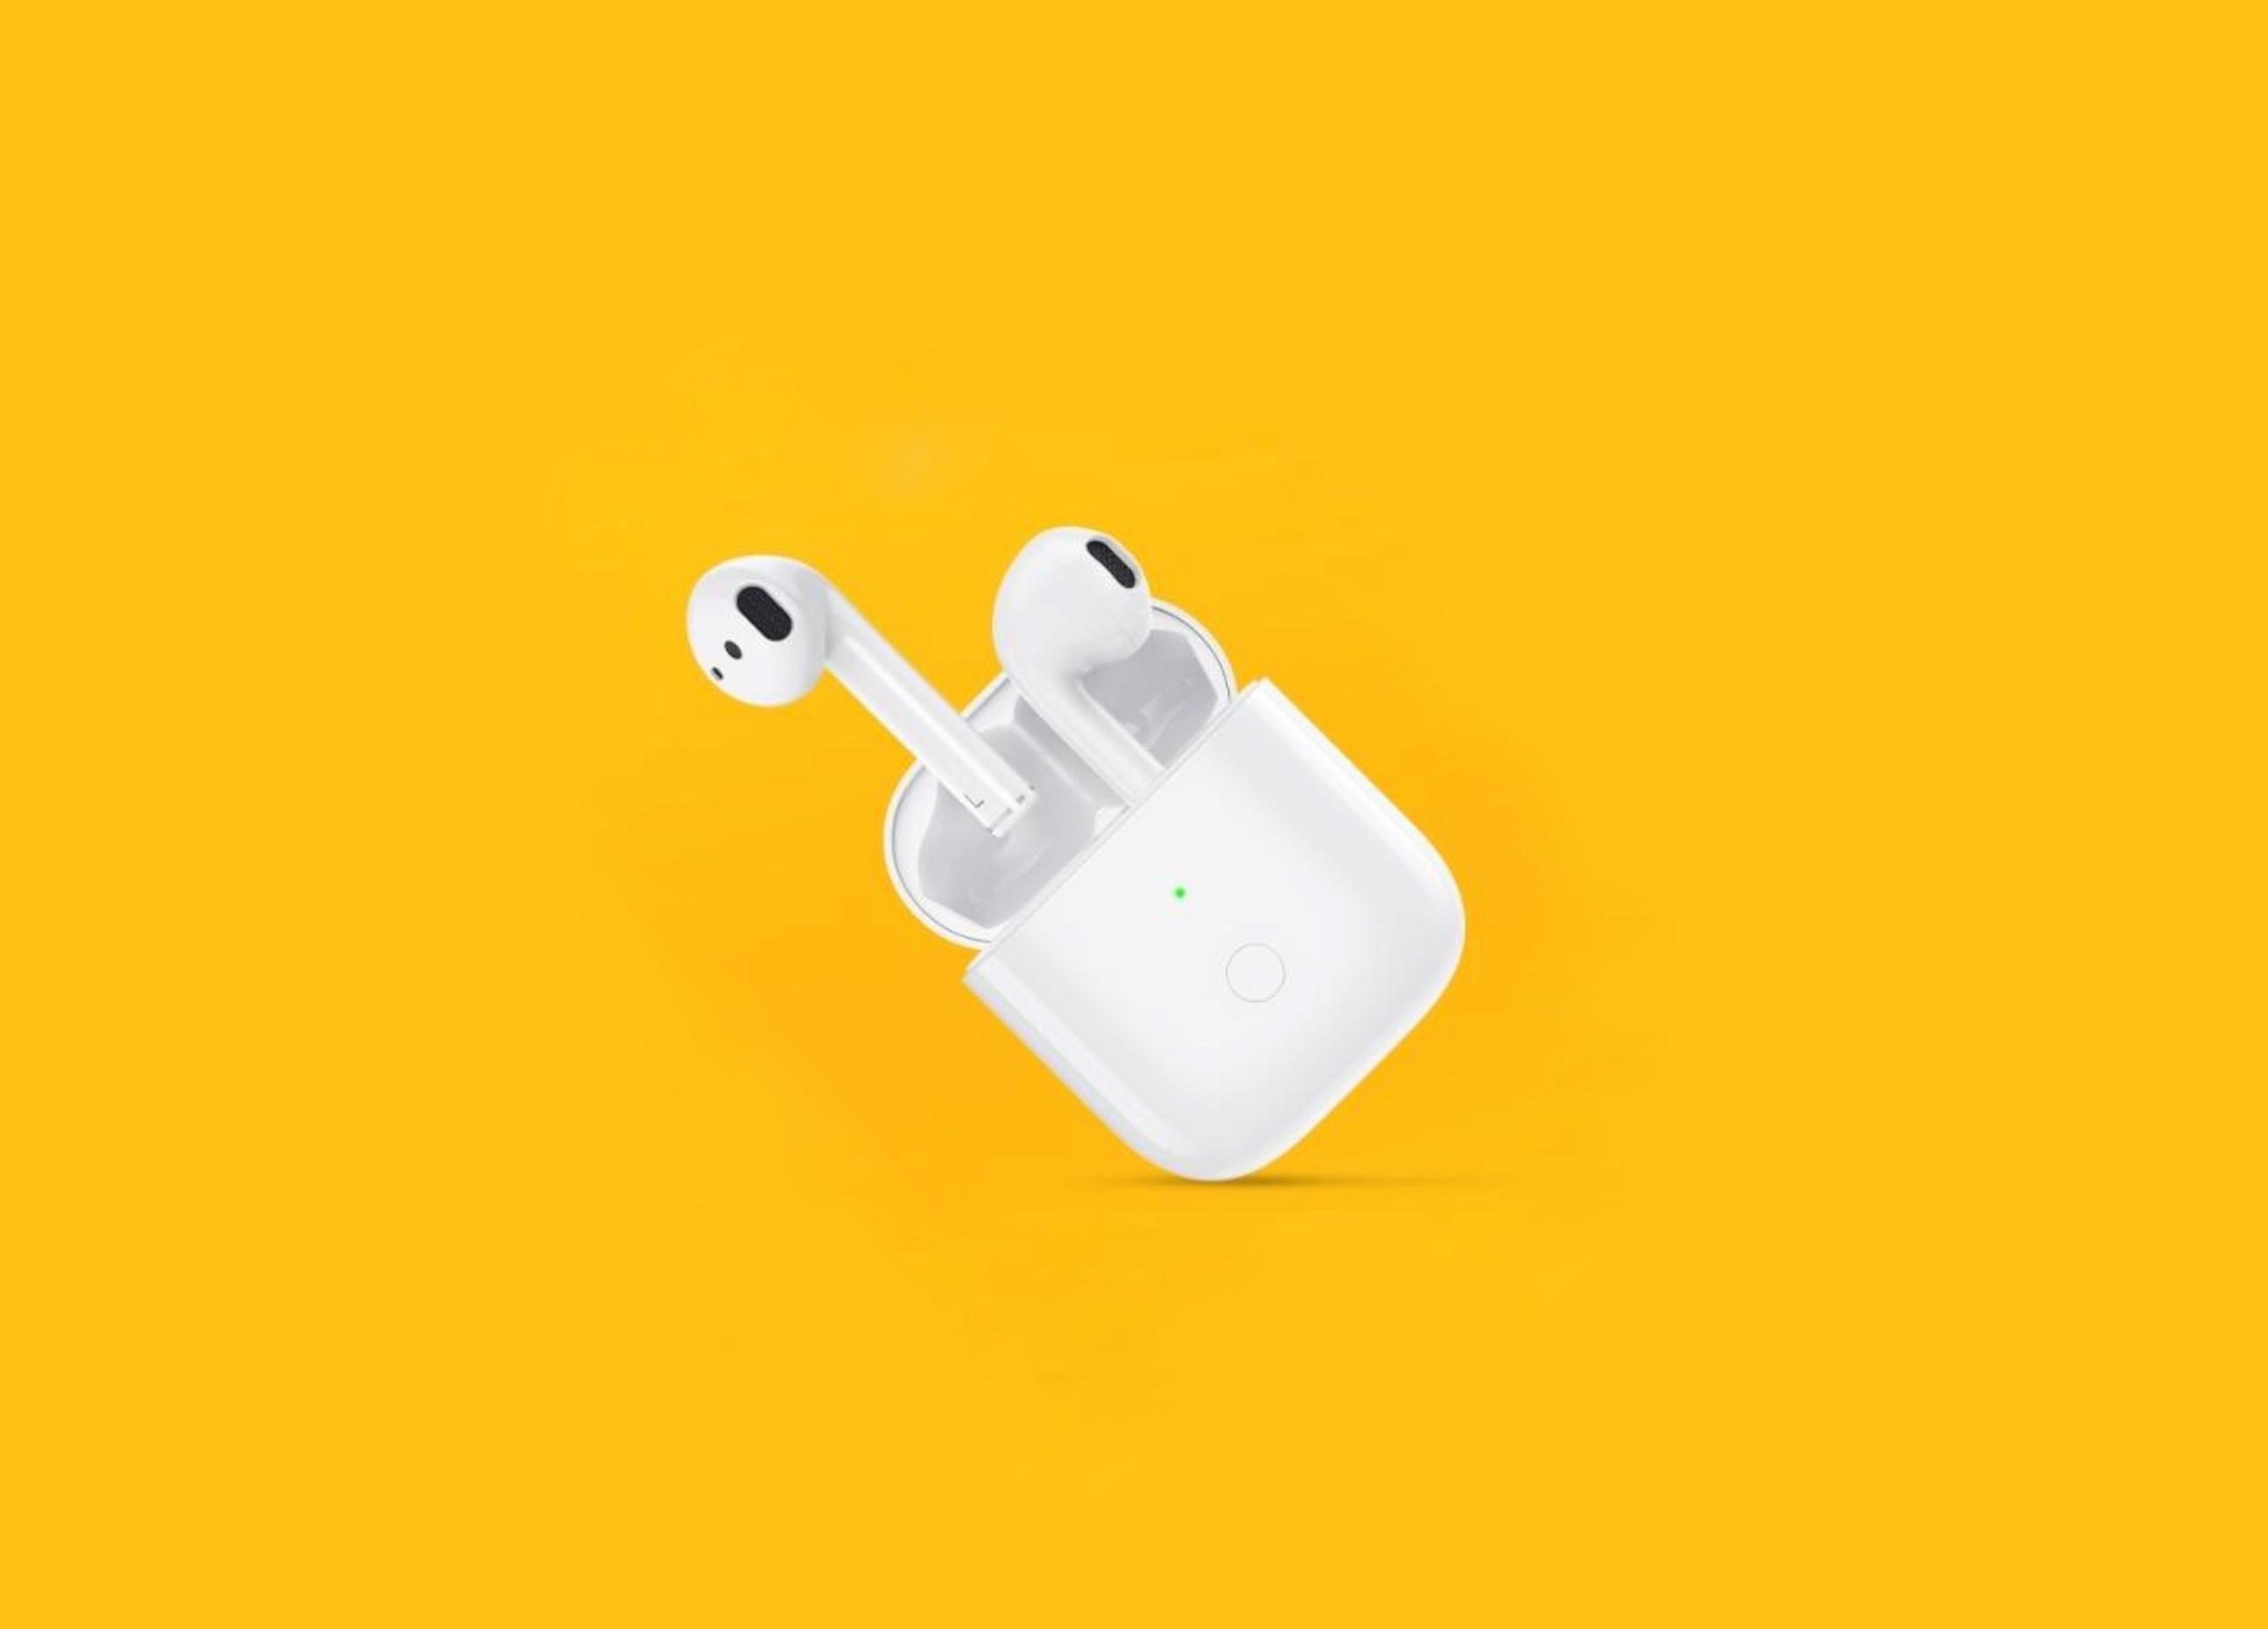 TWS-наушники Realme Buds Air 2 и умные лампочки: CEO Realme рассказал, что покажет компания в первом квартале 2021 года